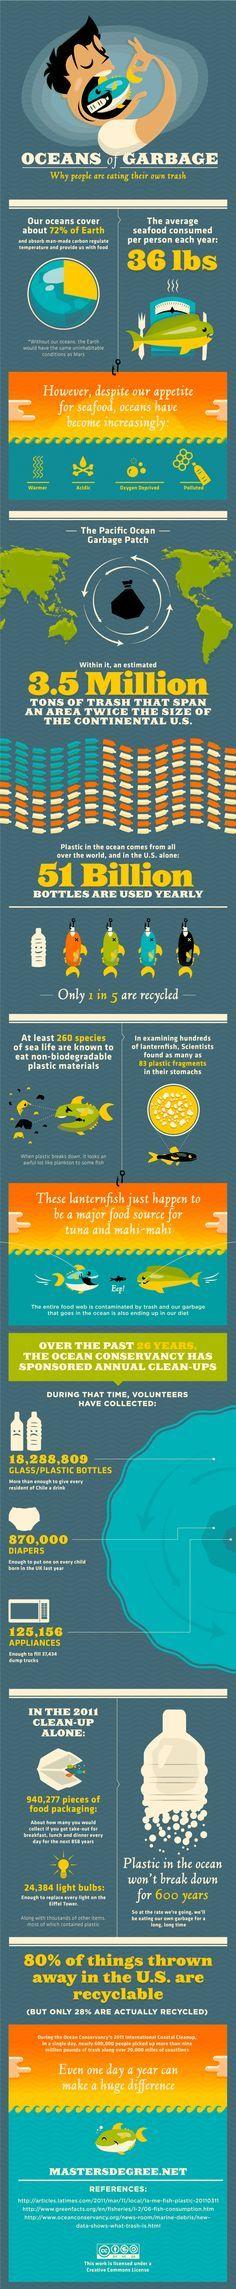 statistique nous mangeons nos dechets pollution de l eau garbage pollution